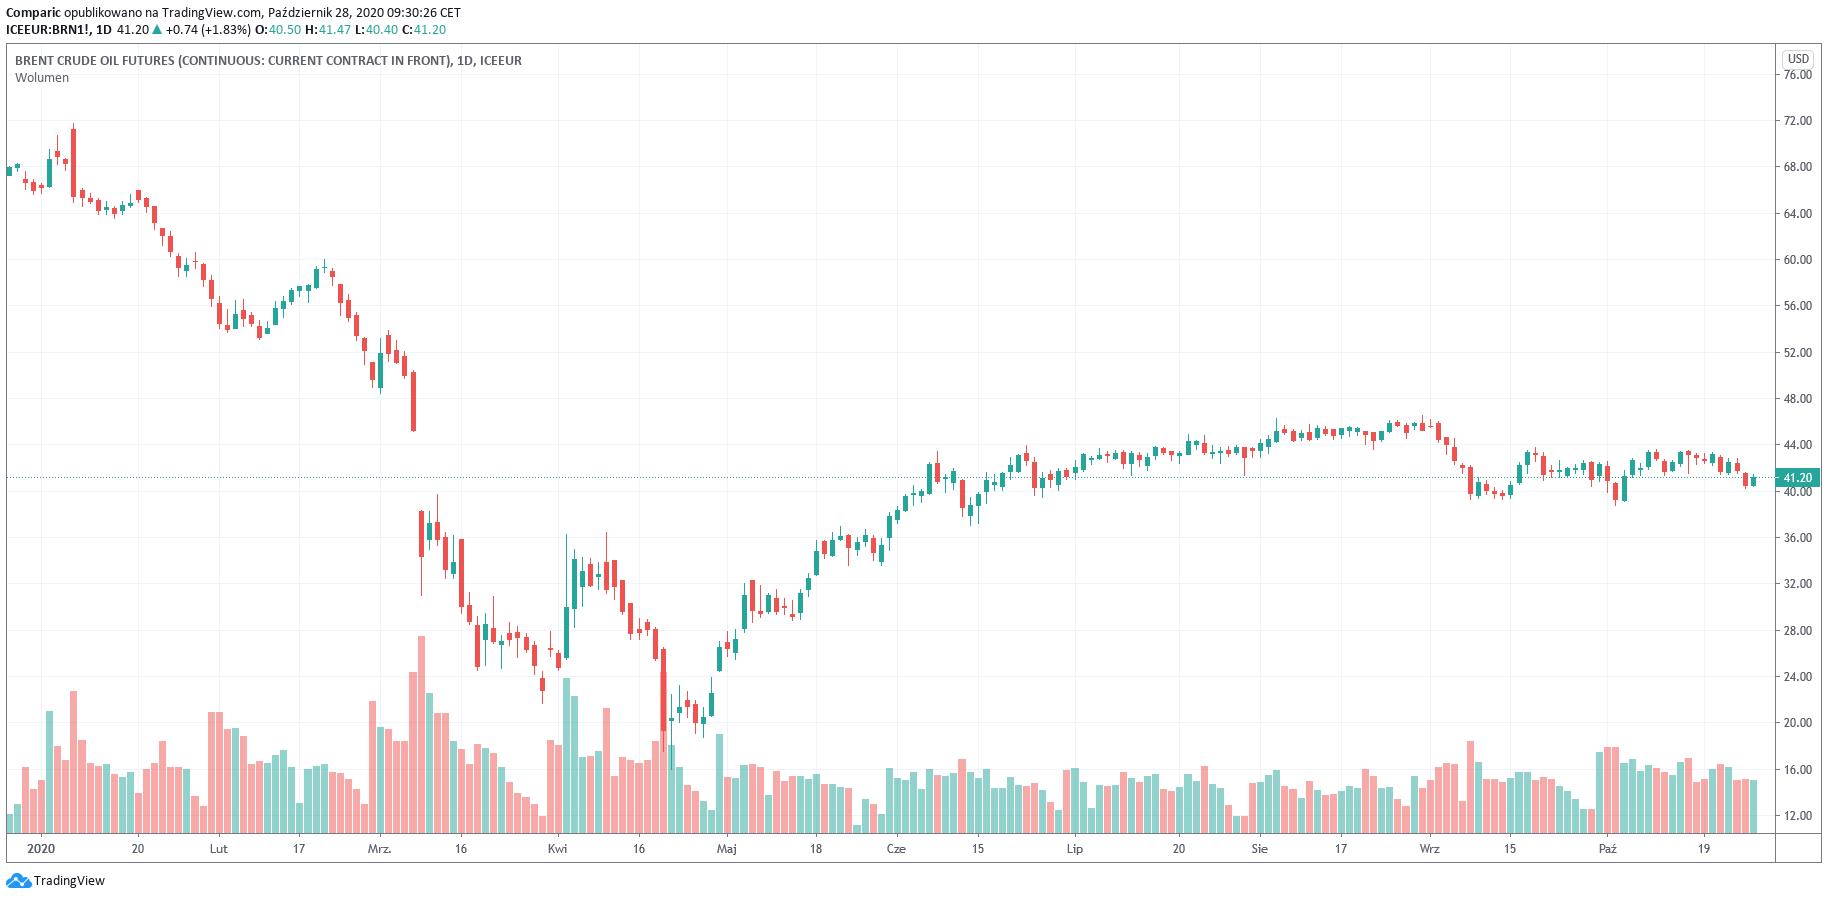 Cena ropy WTI mocno w dół po informacji o zapasach ropy w USA